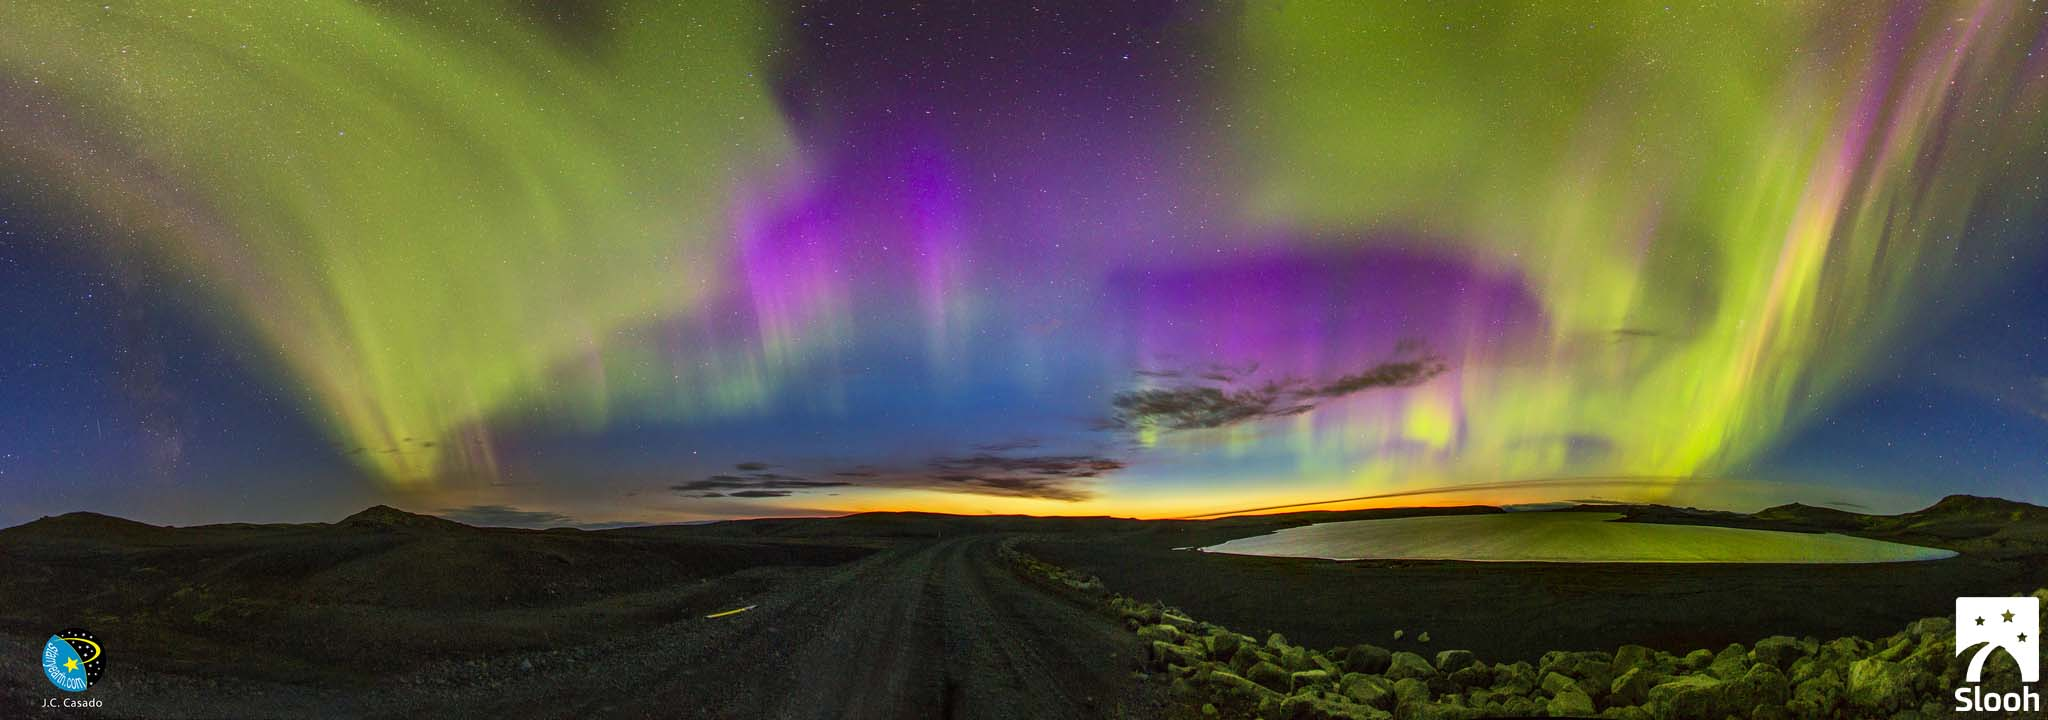 Slooh Aurora View